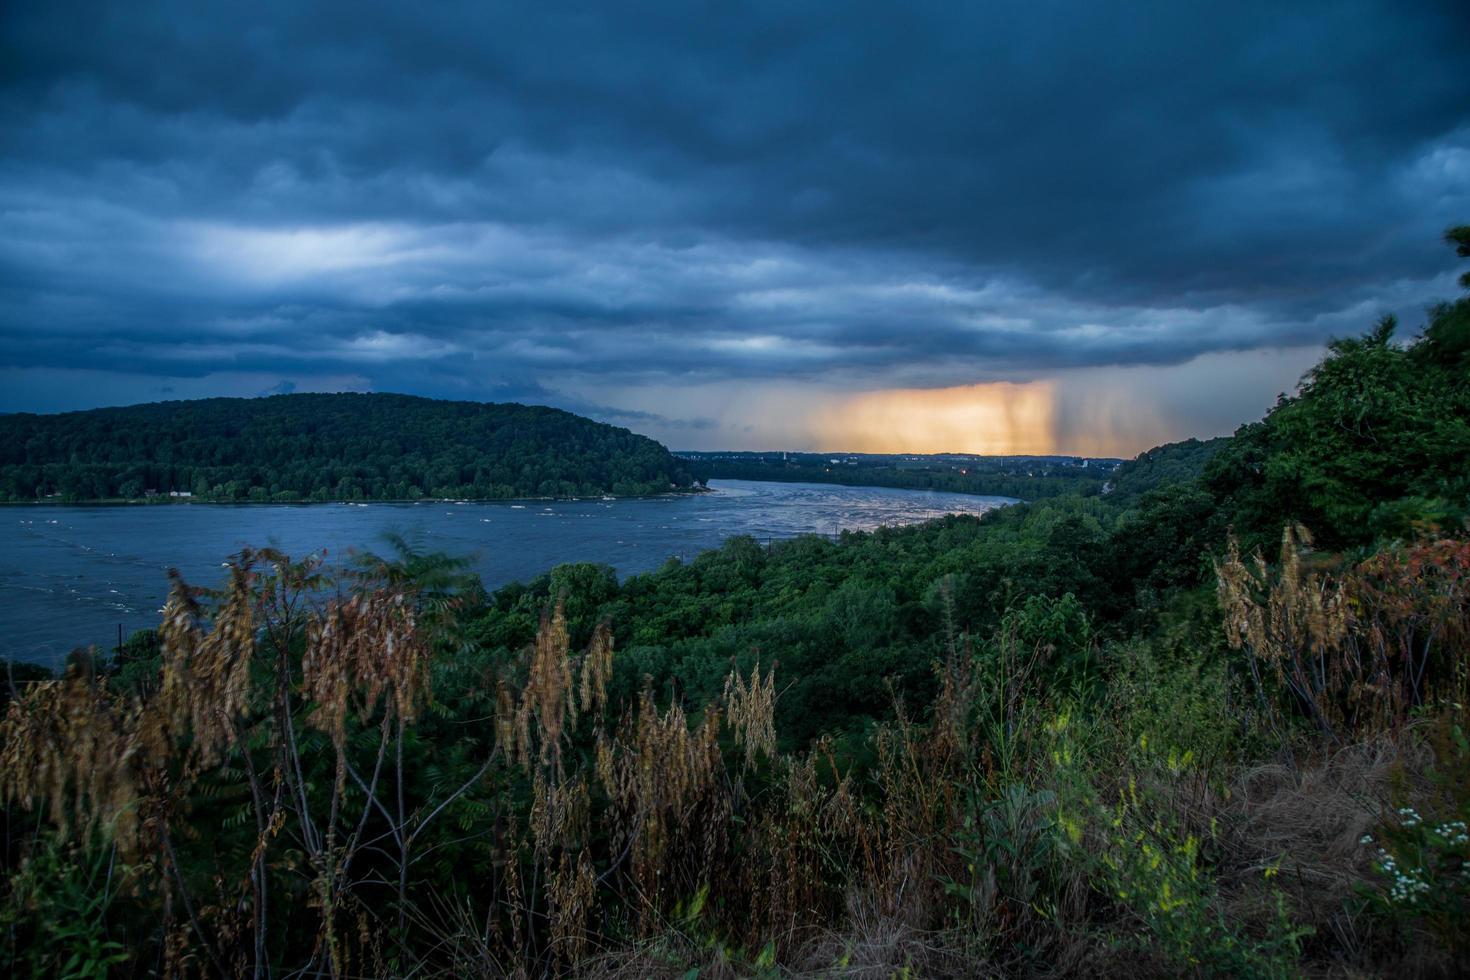 tormenta de verano sobre un río foto